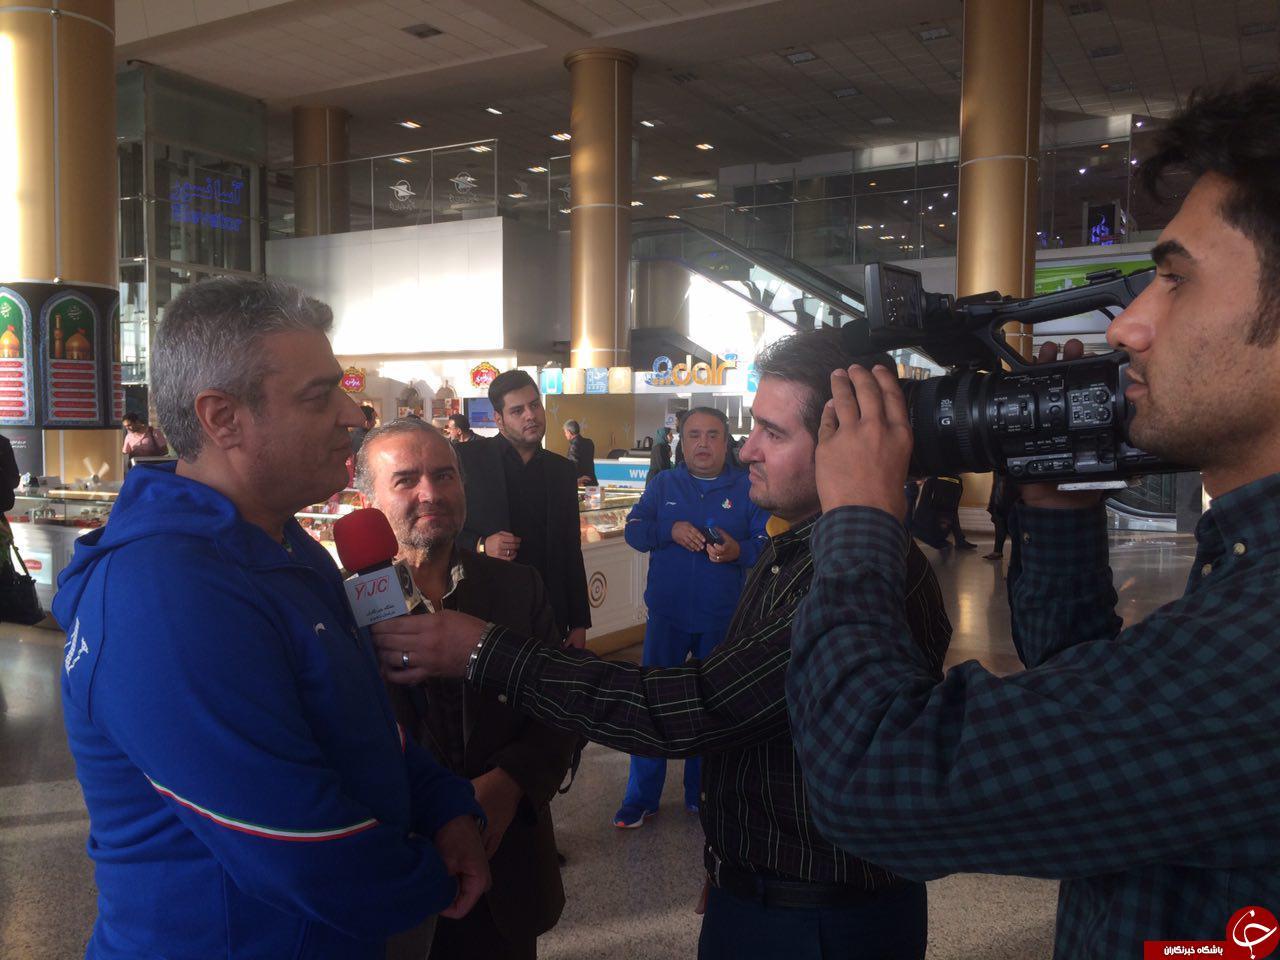 برگزاری مراسم استقبال از تيم ملي بيليارد و اسنوكر ايران پس از قهرماني در رقابت هاي داخل سالن آسيا تركمنستان ٢٠١٧